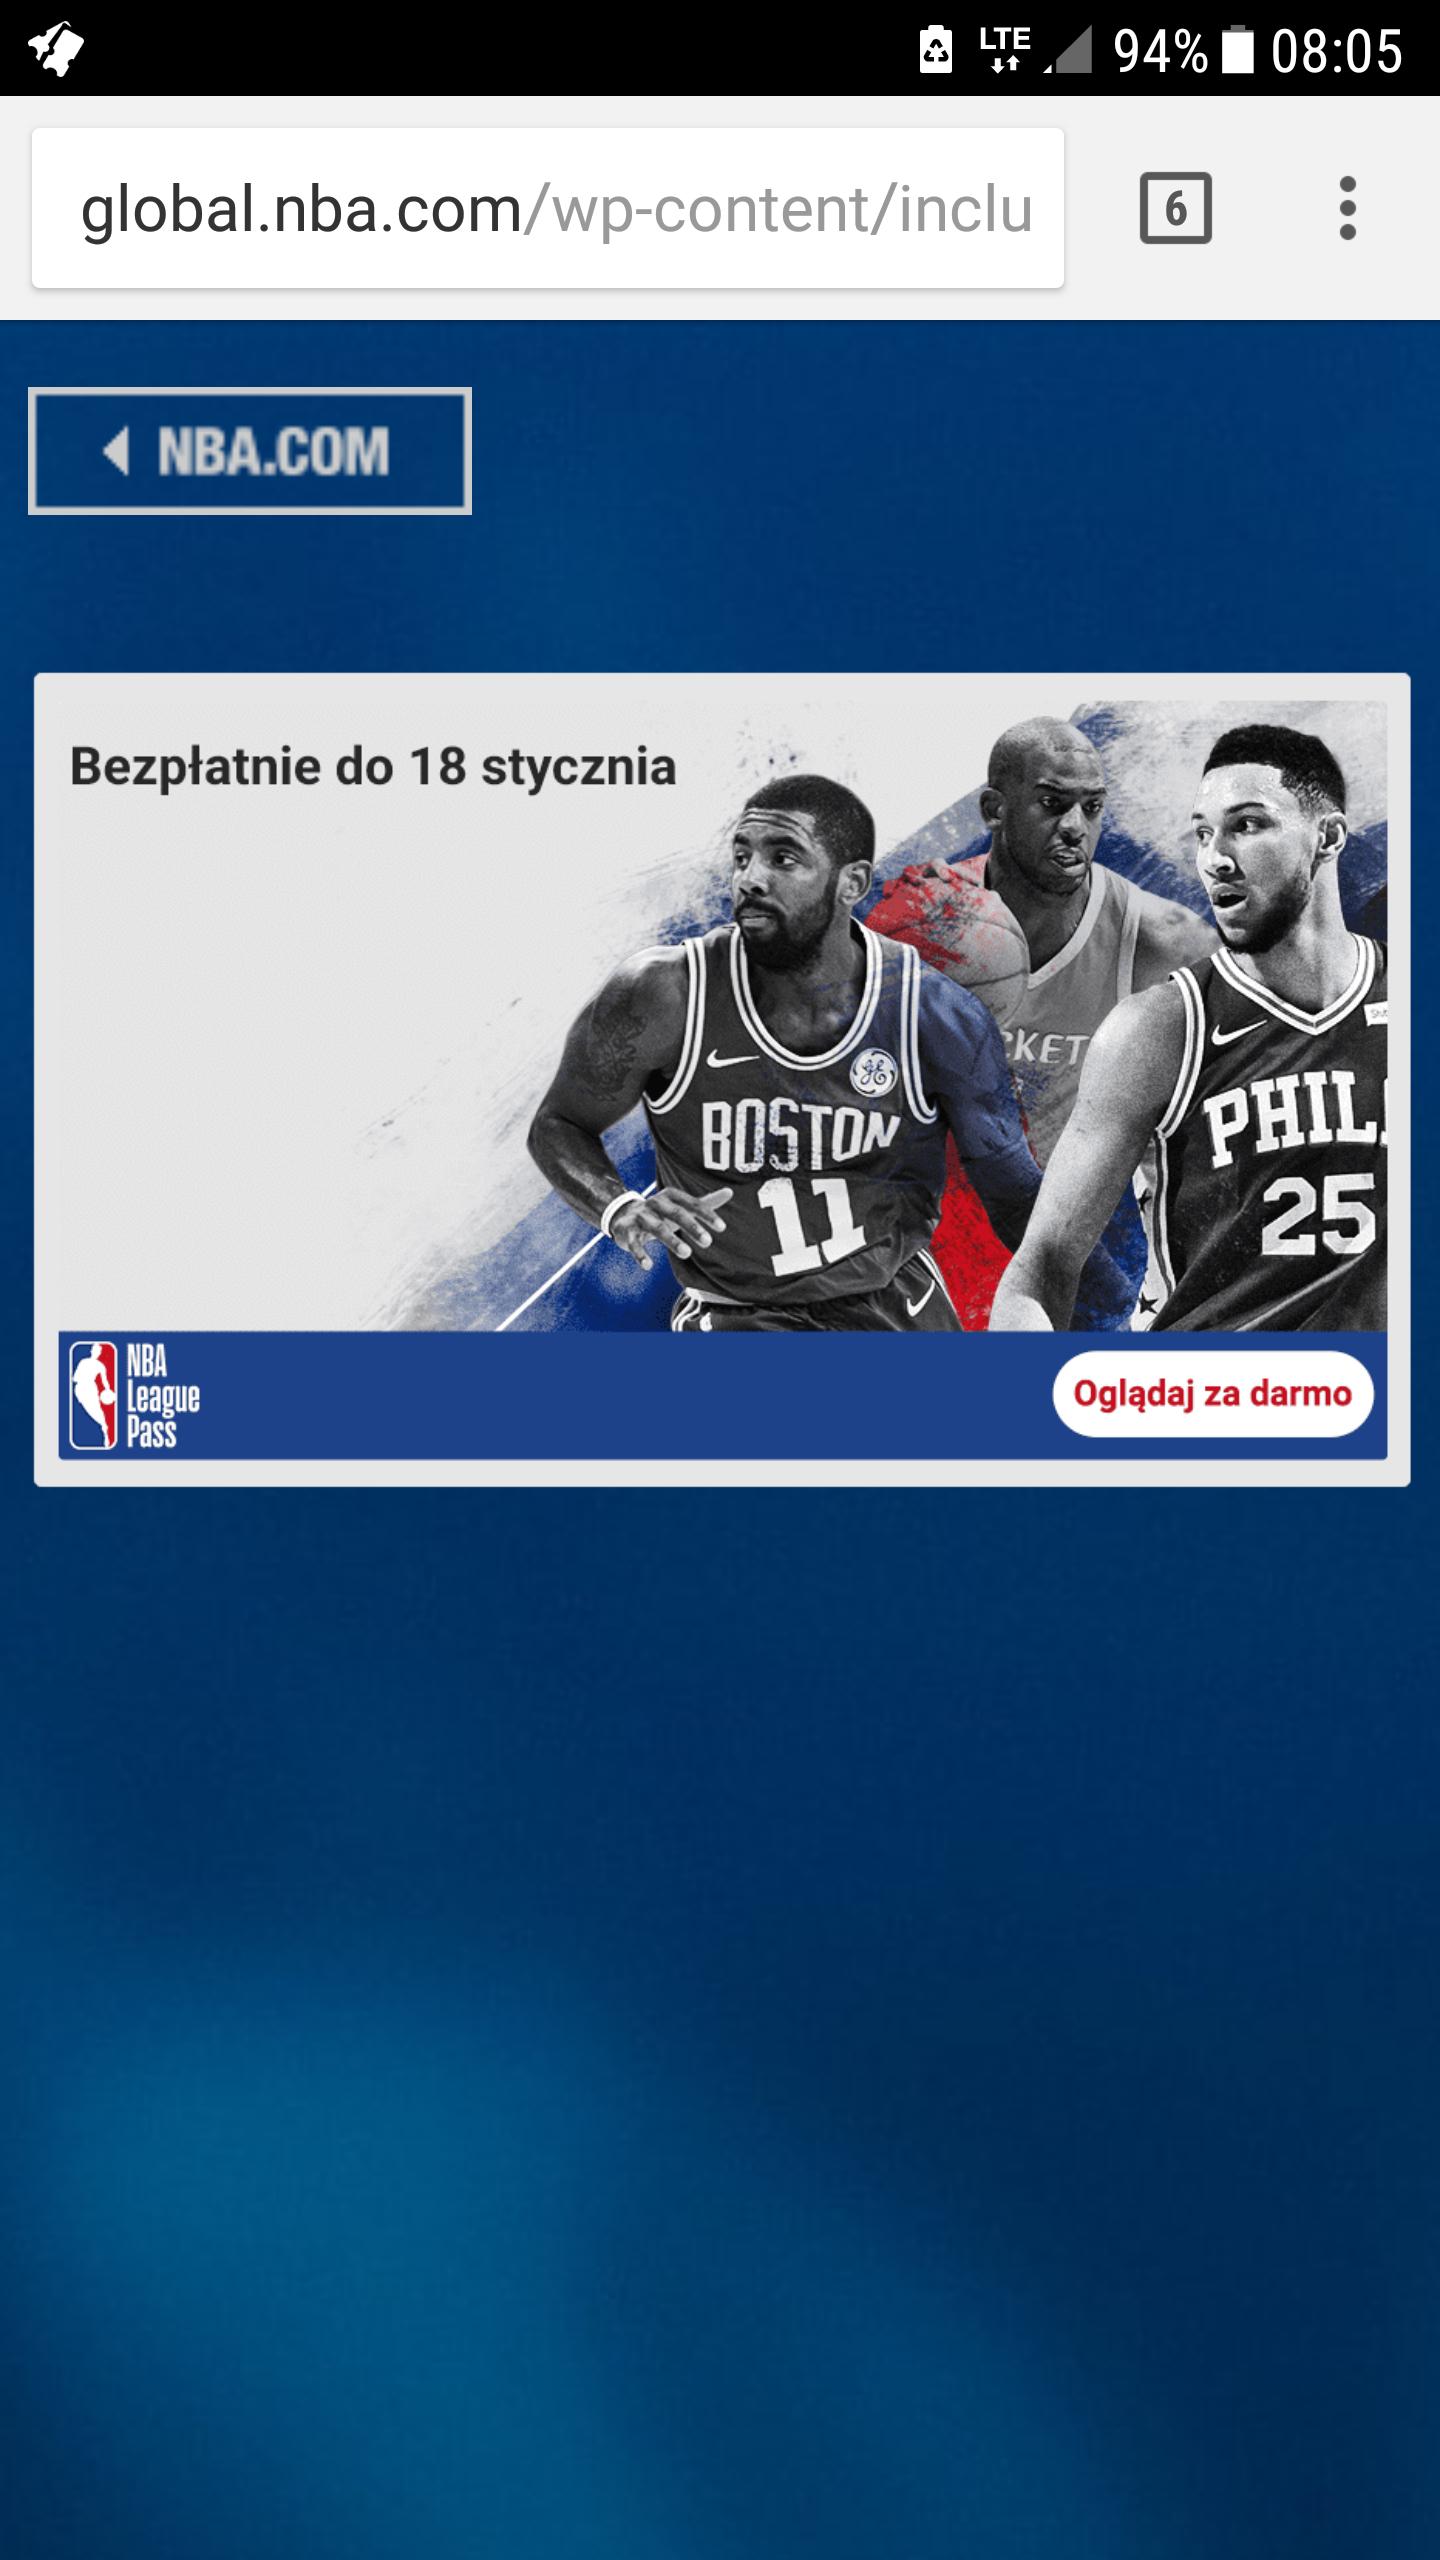 NBA League Pass za darmo - 10 meczów na żywo, tzn. online ;)